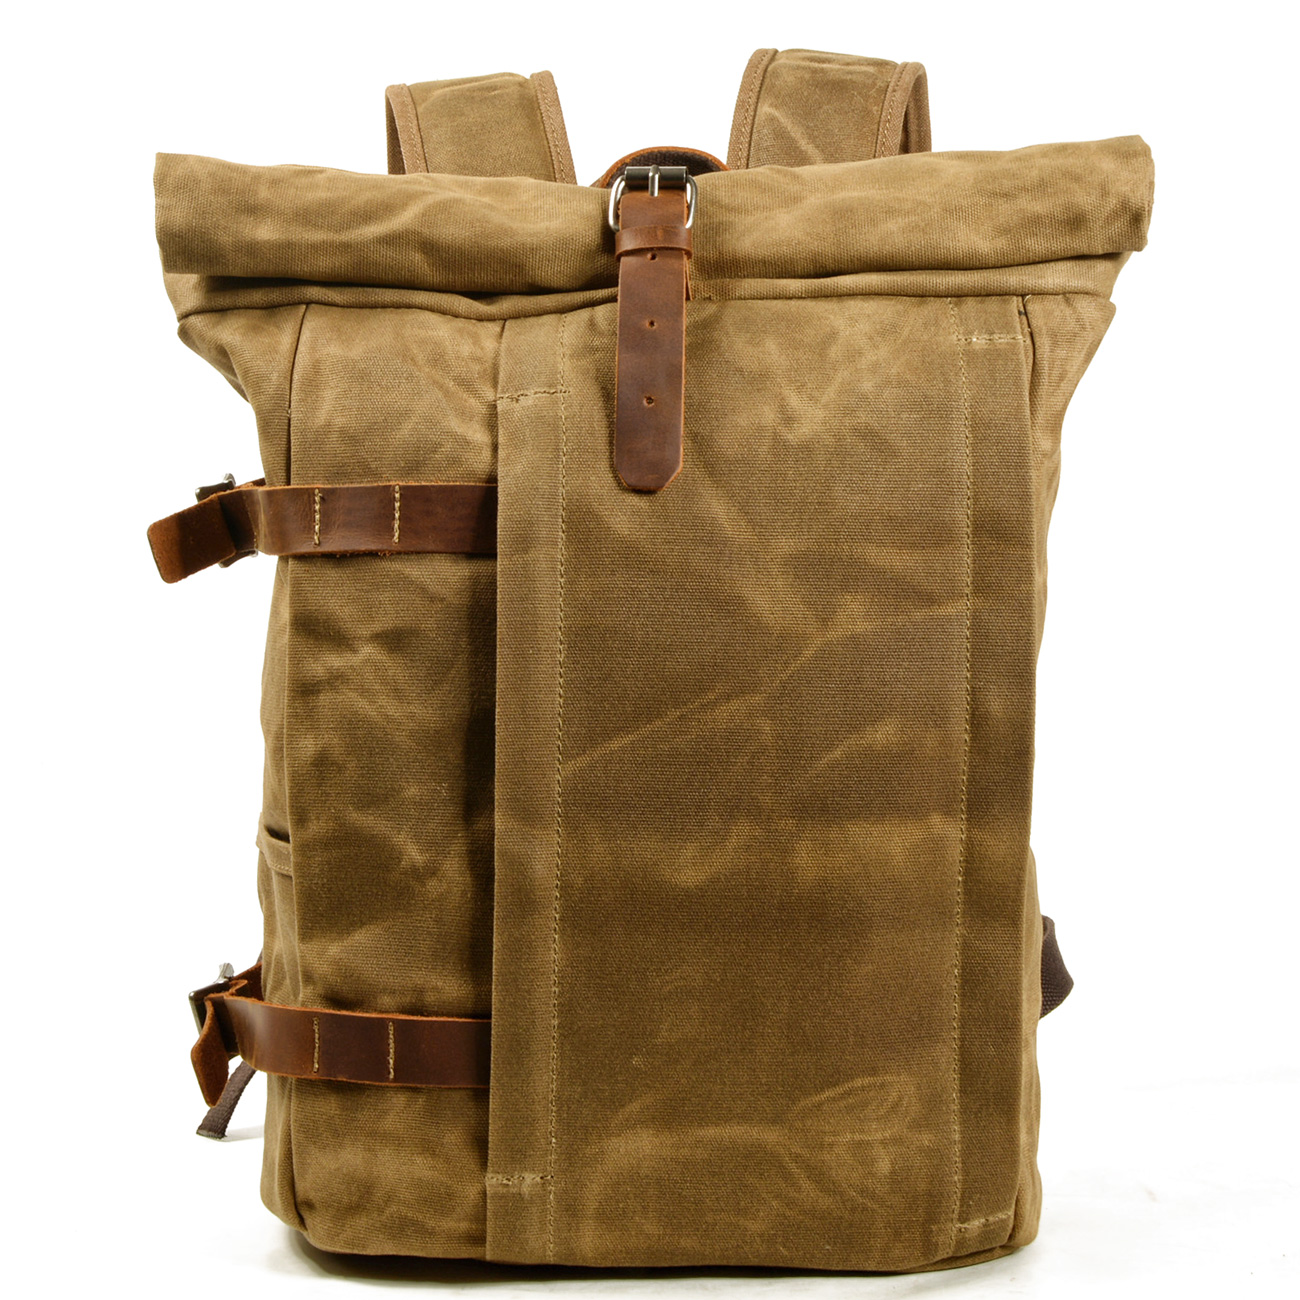 Купить модный уличный рюкзак для отдыха студенческая сумка колледжа